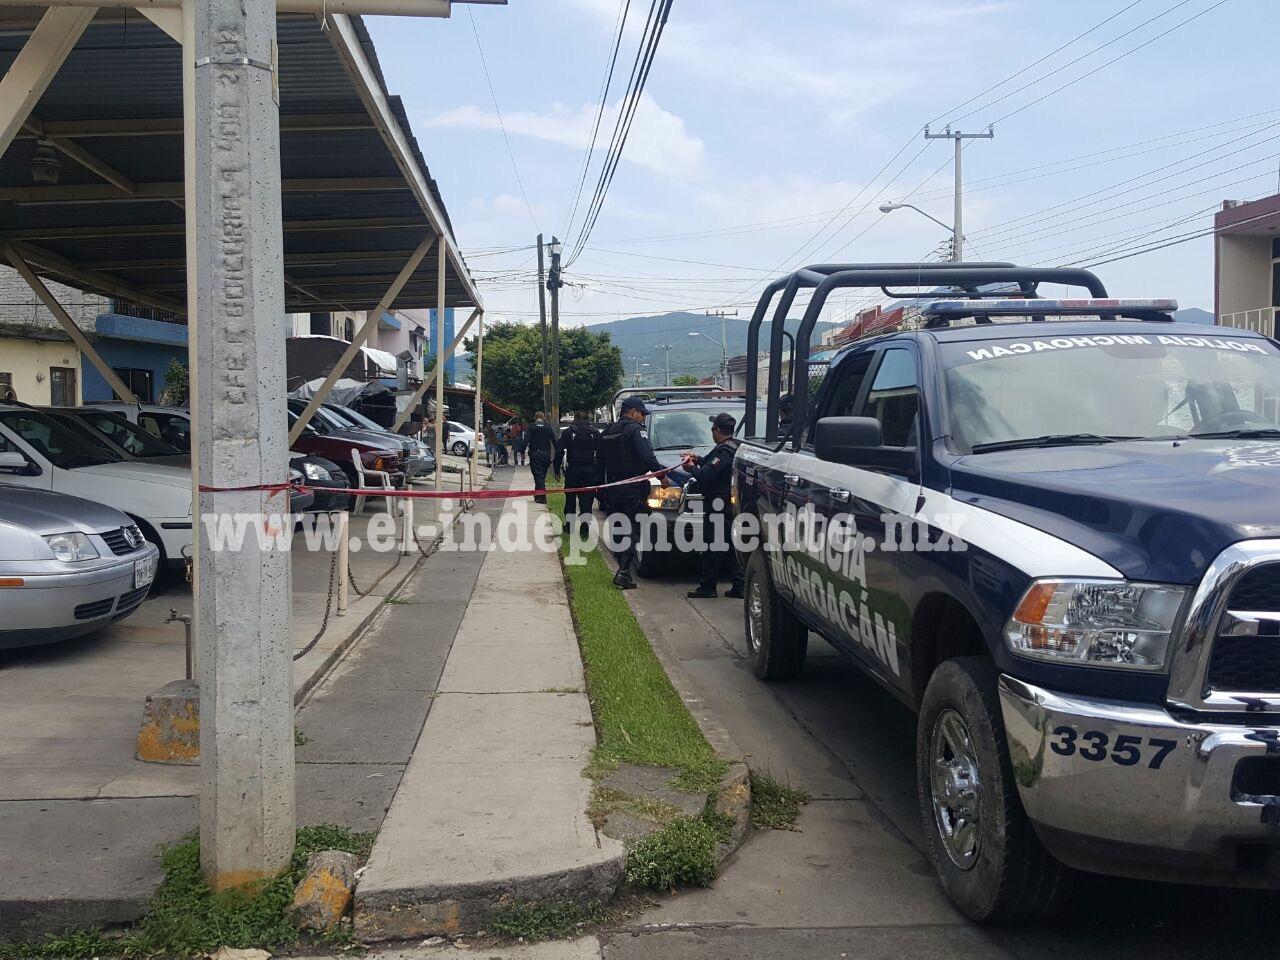 Un muerto y un lesionado deja ataque a balazos en lote de venta de autos en Zamora